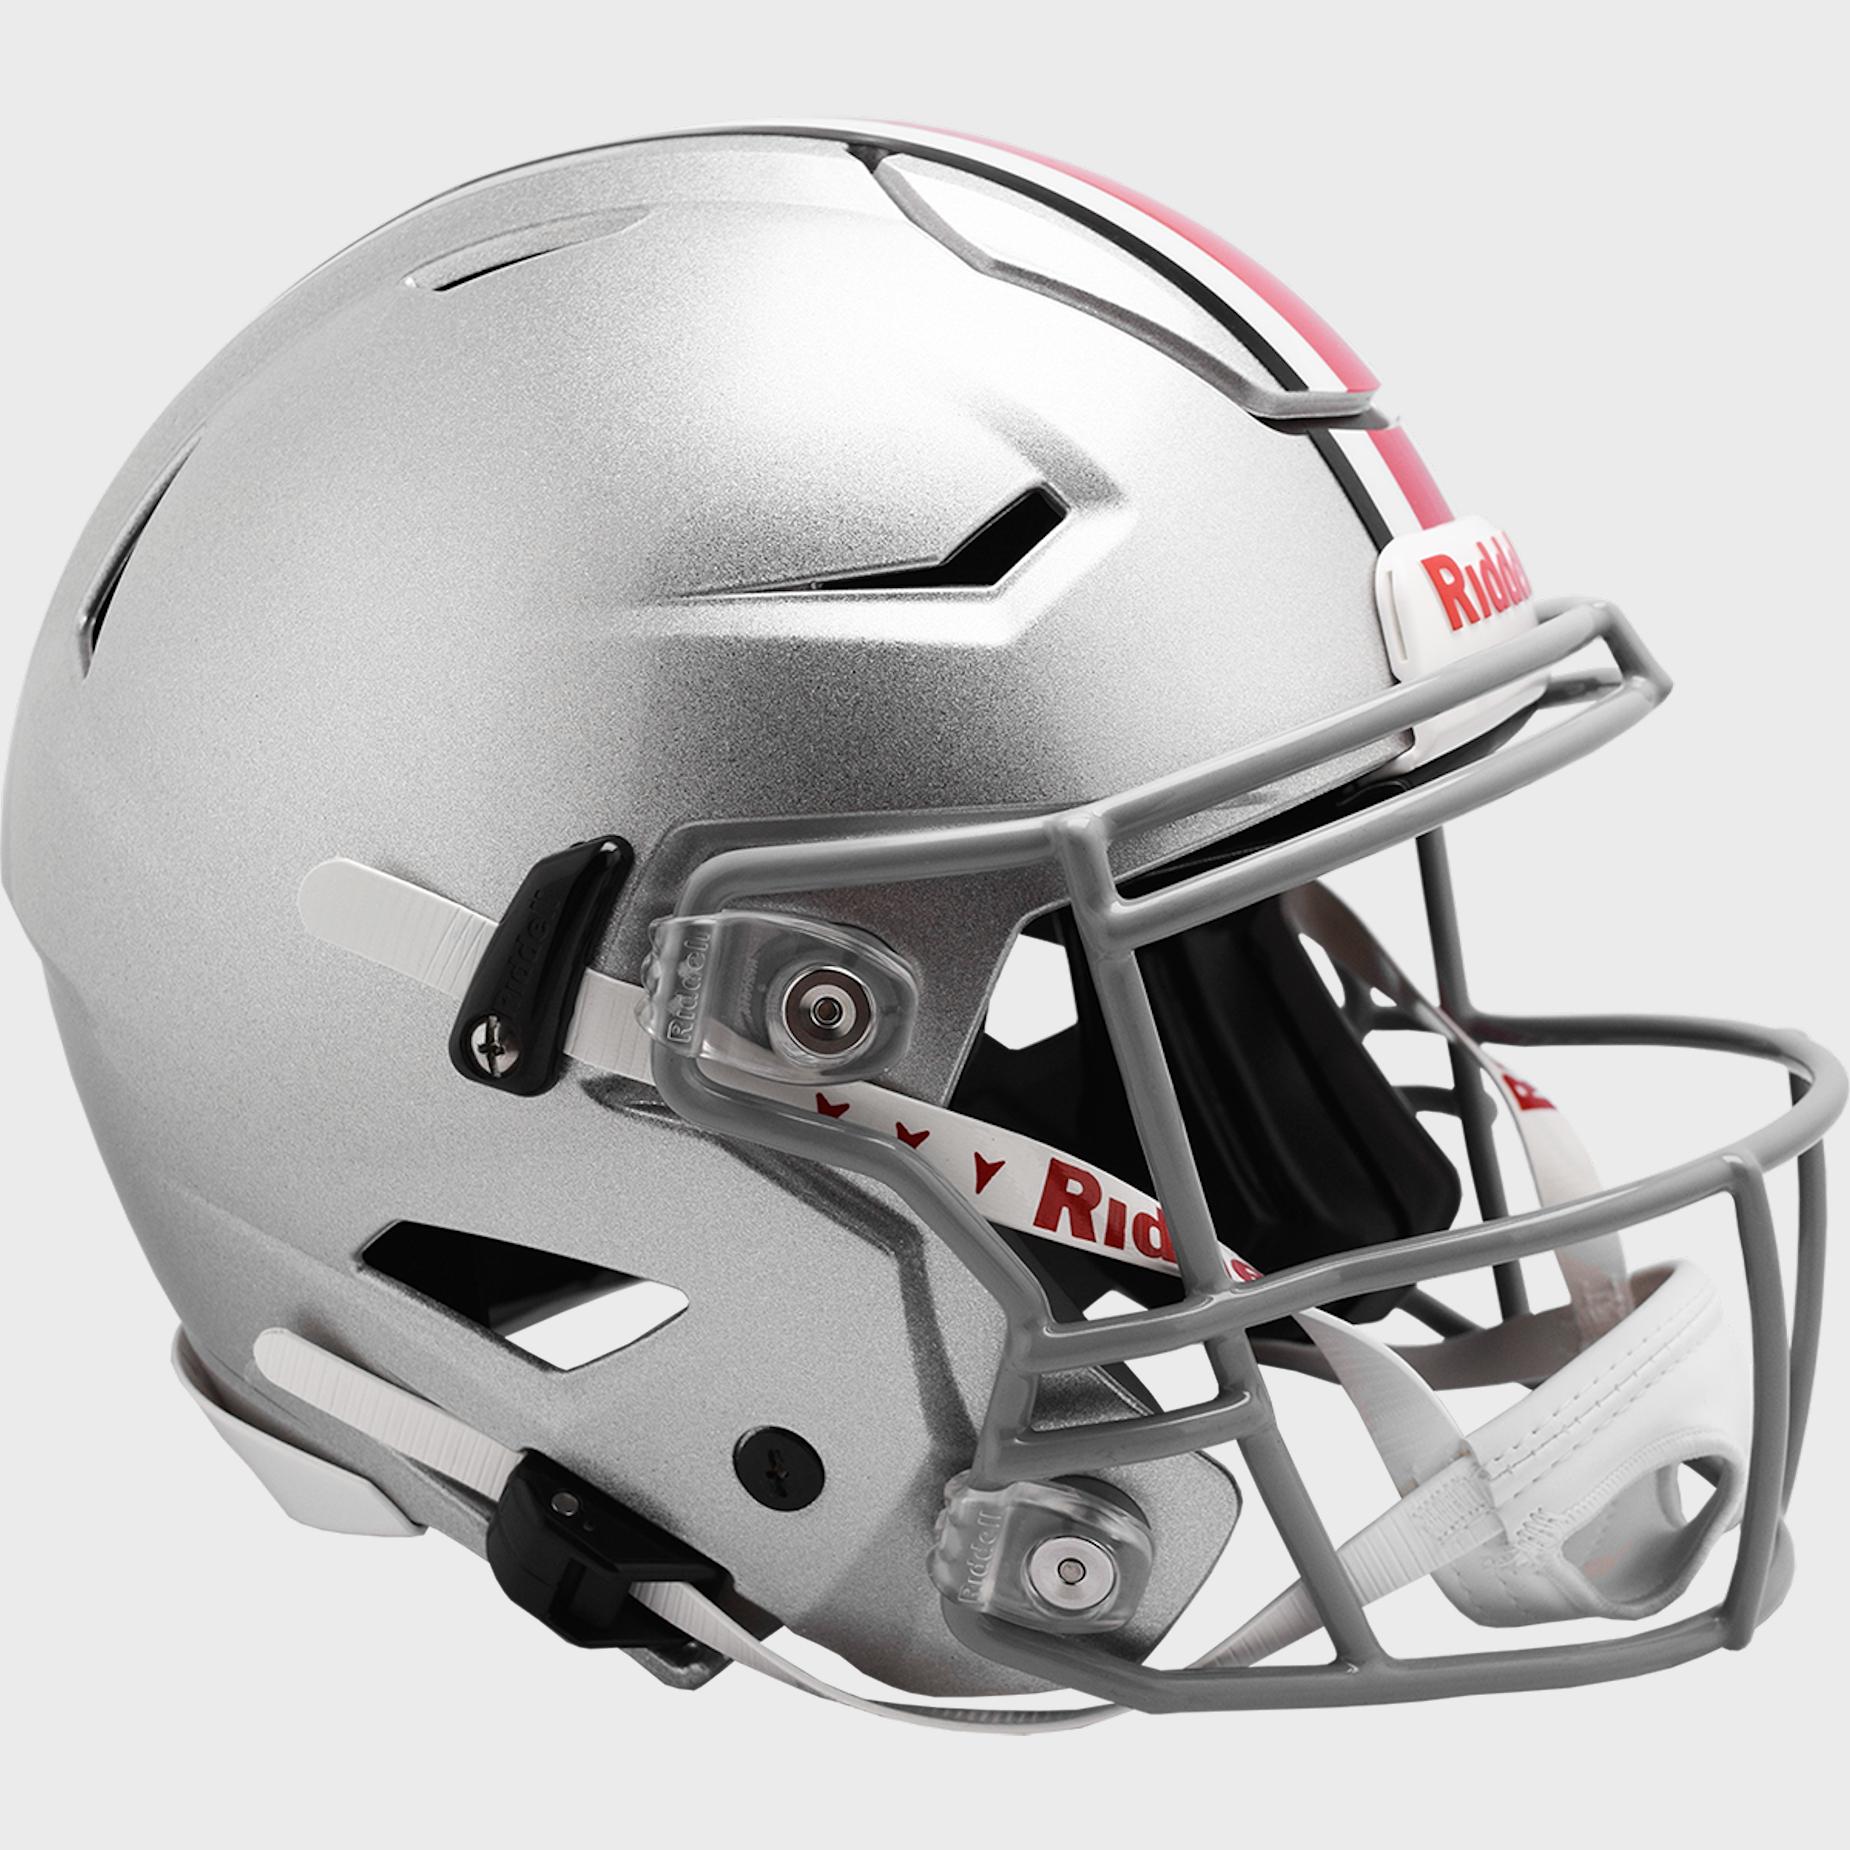 Ohio State Buckeyes SpeedFlex Football Helmet